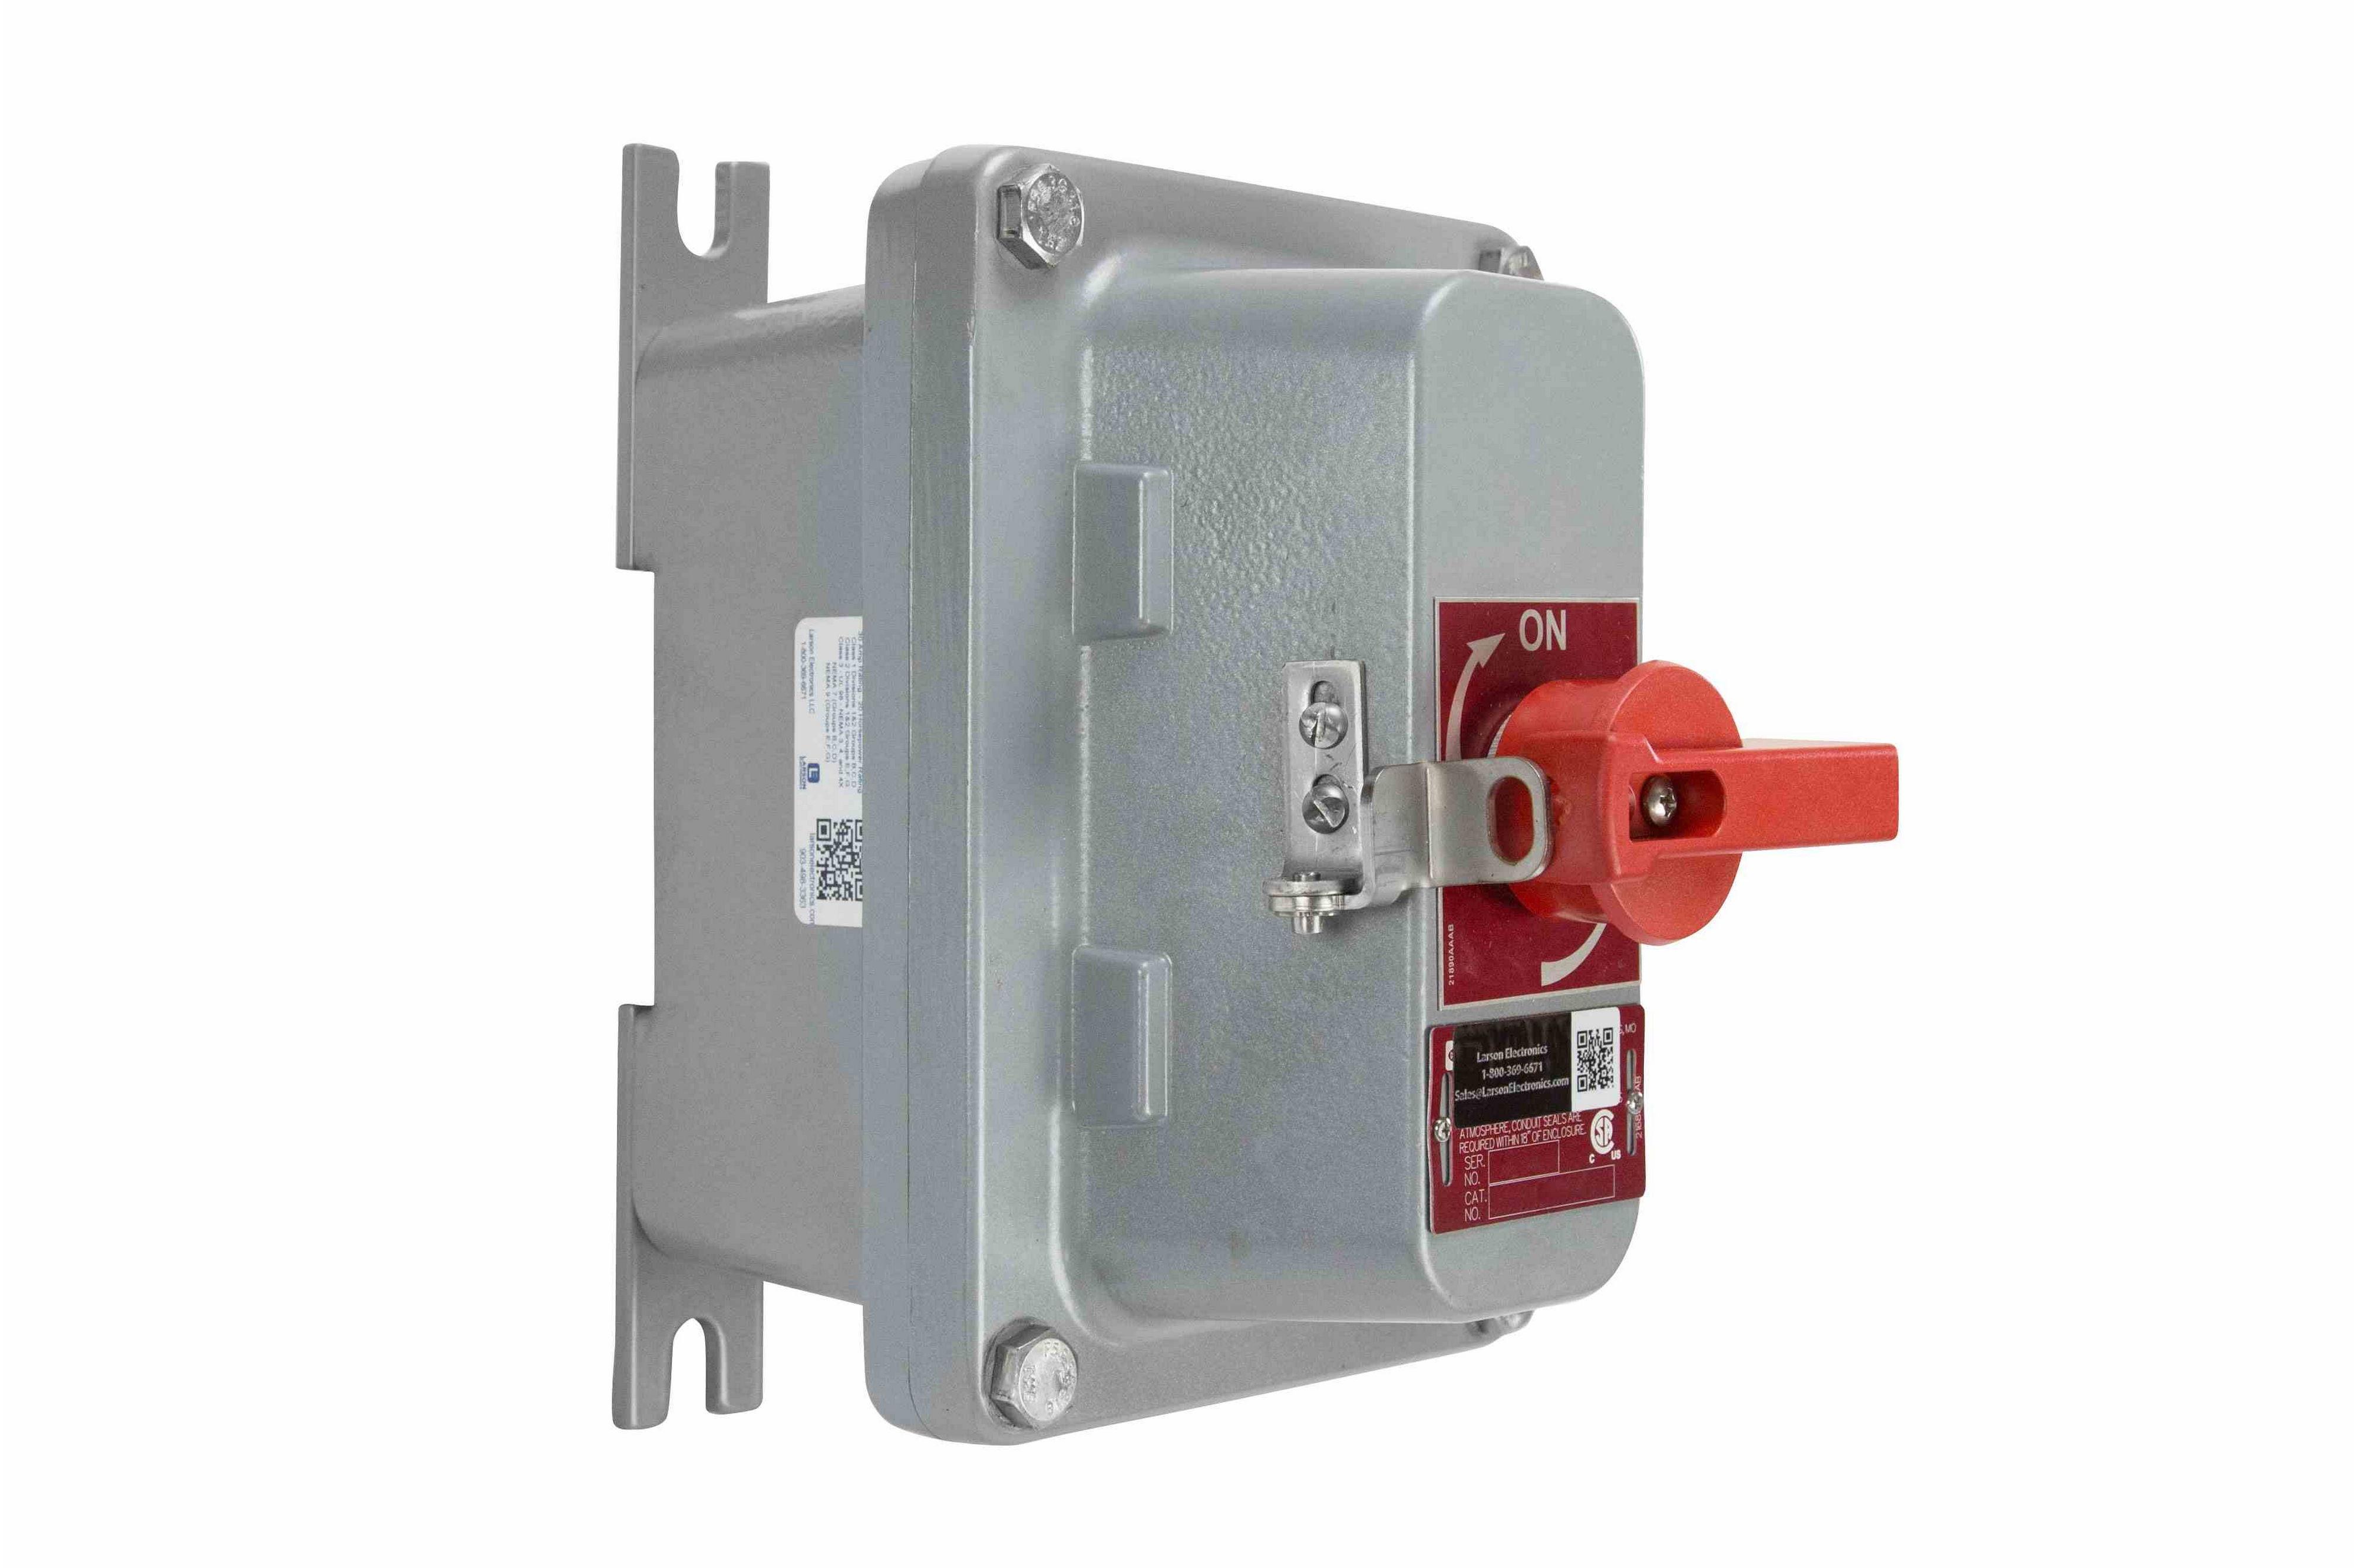 Explosion Proof Magnetic Motor Starter C1d1 C2d1 Double Push 12 Volt Halogen Lamp Soft Circuit Hi Res Image 1